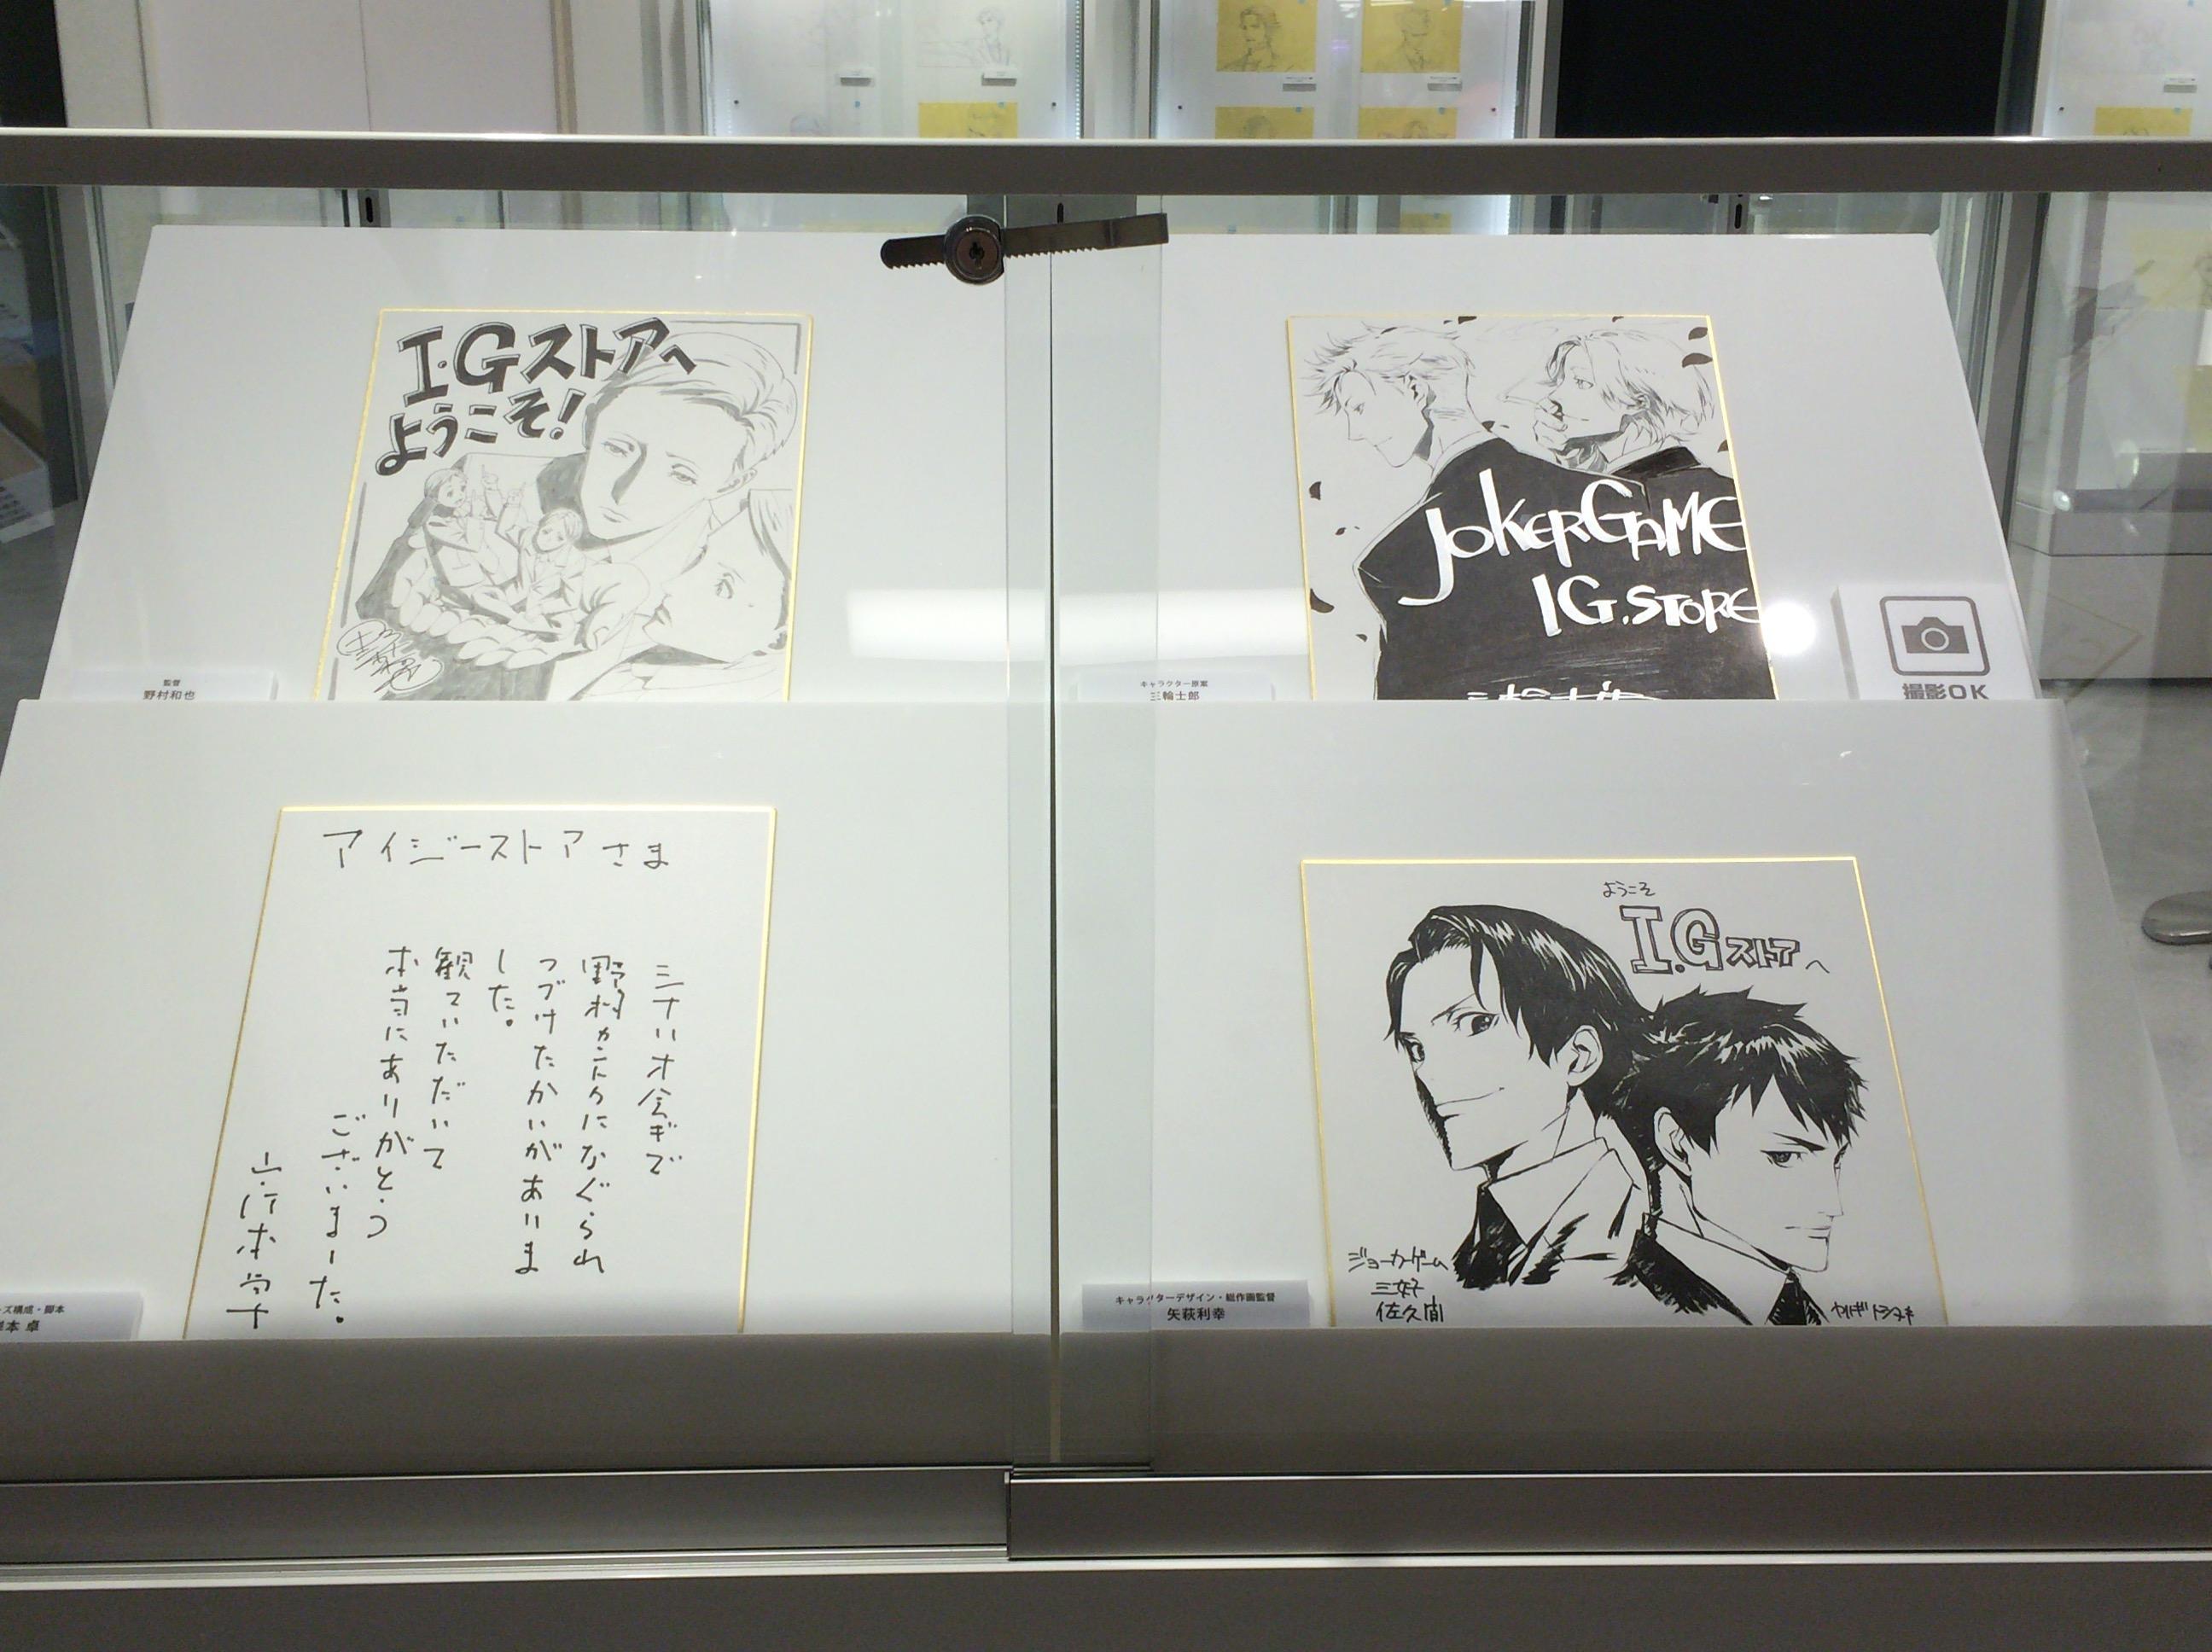 【渋谷】「ジョーカー・ゲーム」原画及び制作資料の展示:2016年7月16日(土)~9月2日(金)